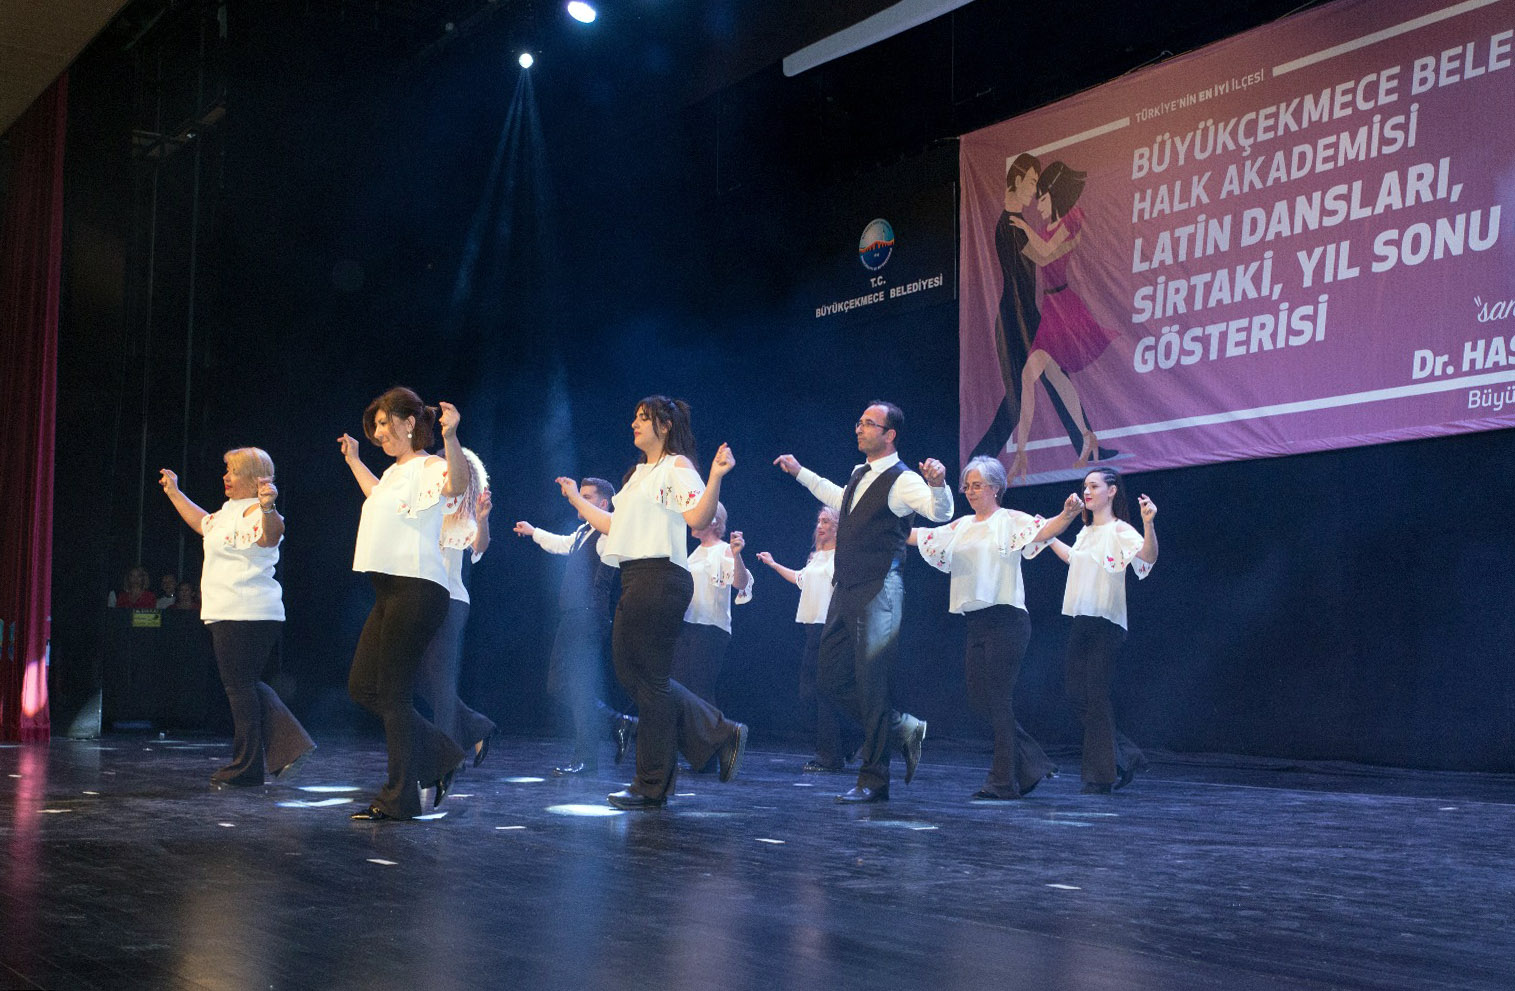 Halk Akademisi Latin dansları ve Sirtaki gösterileri büyüledi